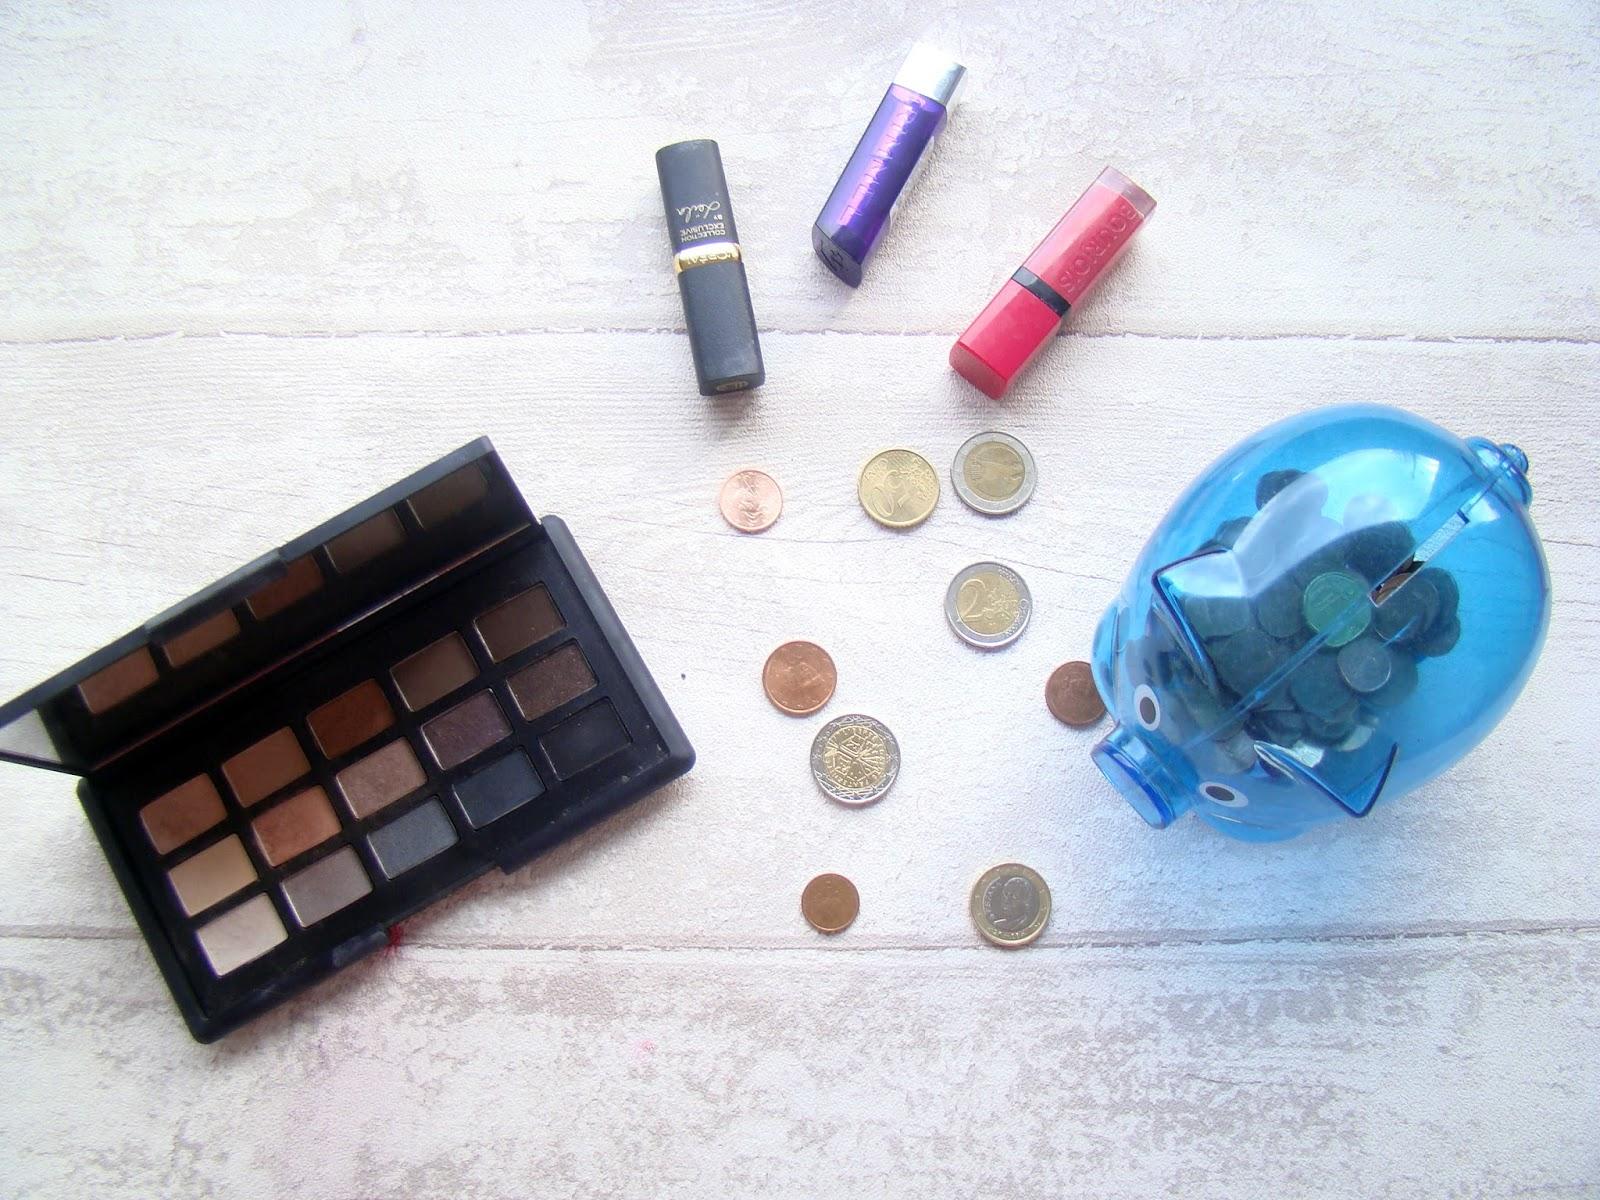 Les vide-vanity: La blogueuse beauté peut-elle être vendeuse?